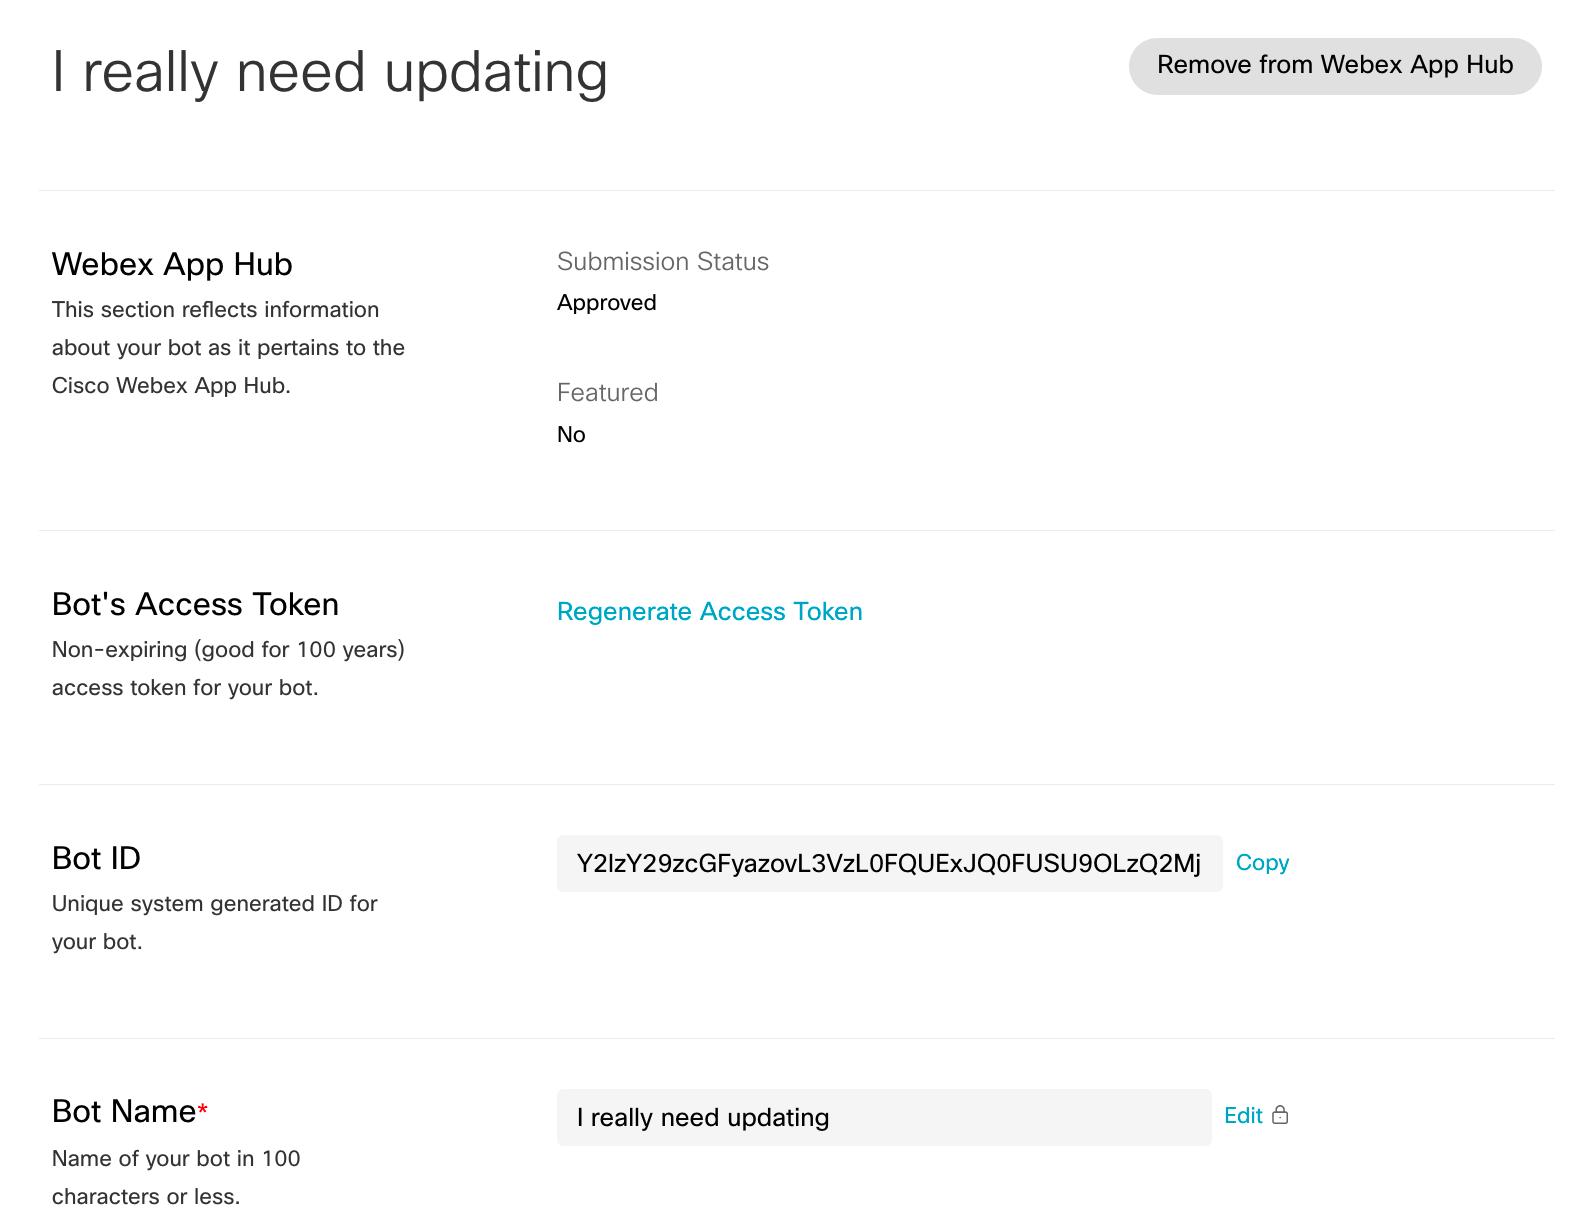 App Hub Update Tool